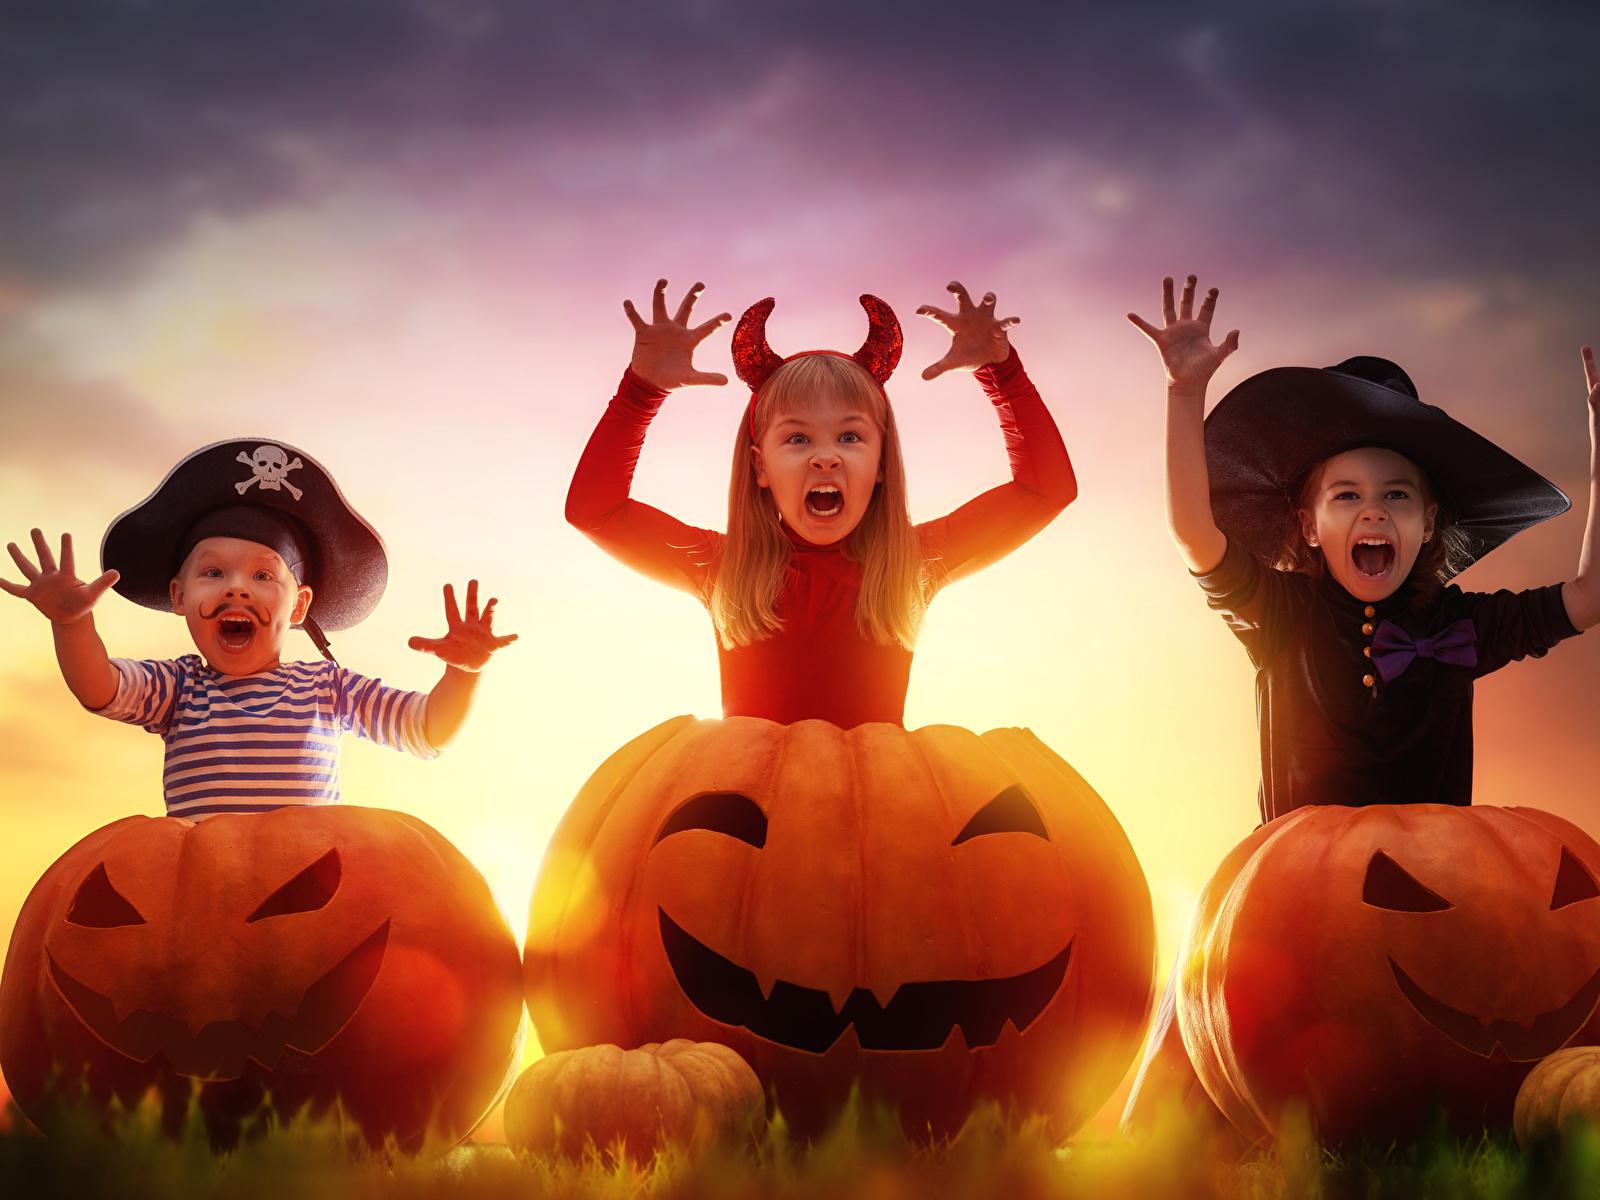 Фото девочка Мальчики Дети Шляпа Тыква хэллоуин три 1600x1200 Девочки мальчик мальчишки мальчишка ребёнок шляпе шляпы Хеллоуин Трое 3 втроем